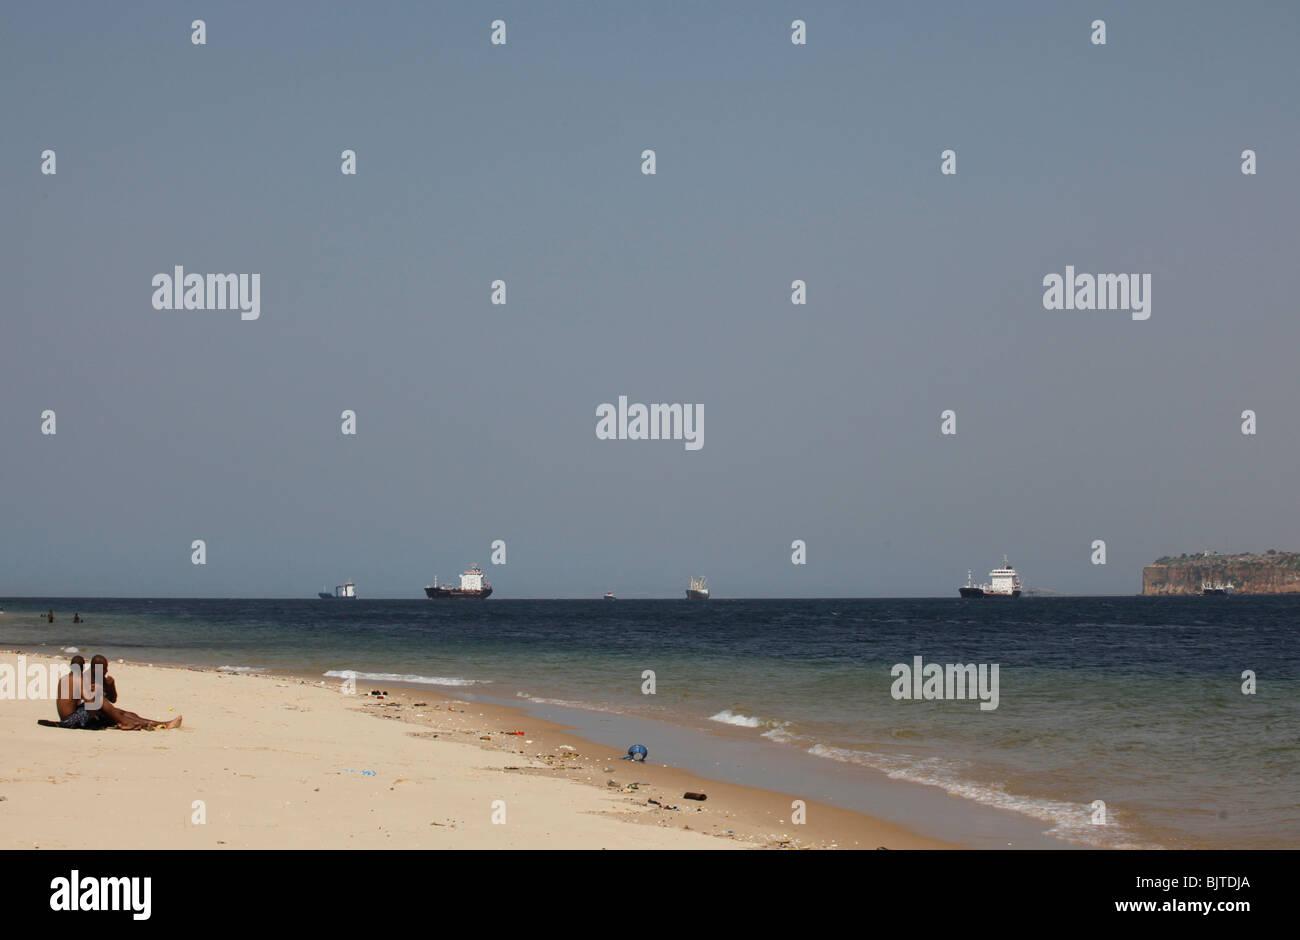 Navi e navi cisterna in attesa di attraccare in porto. Come si vede dalla spiaggia alla fine di Ilha. Luanda. Angola. Immagini Stock